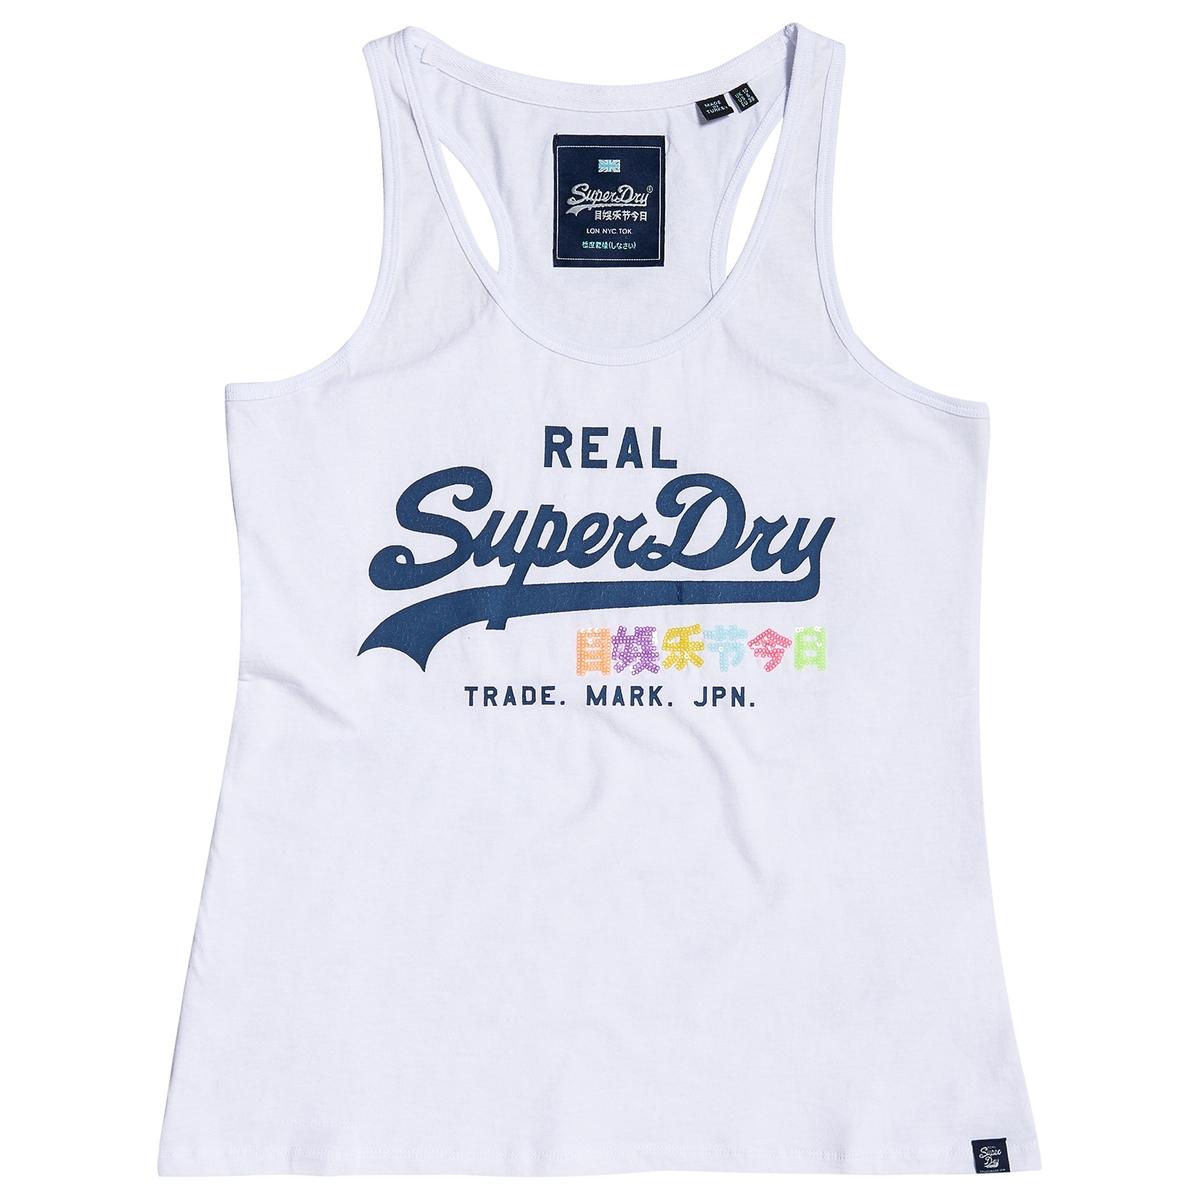 Camiseta sin mangas con cuello redondo y estampado delante